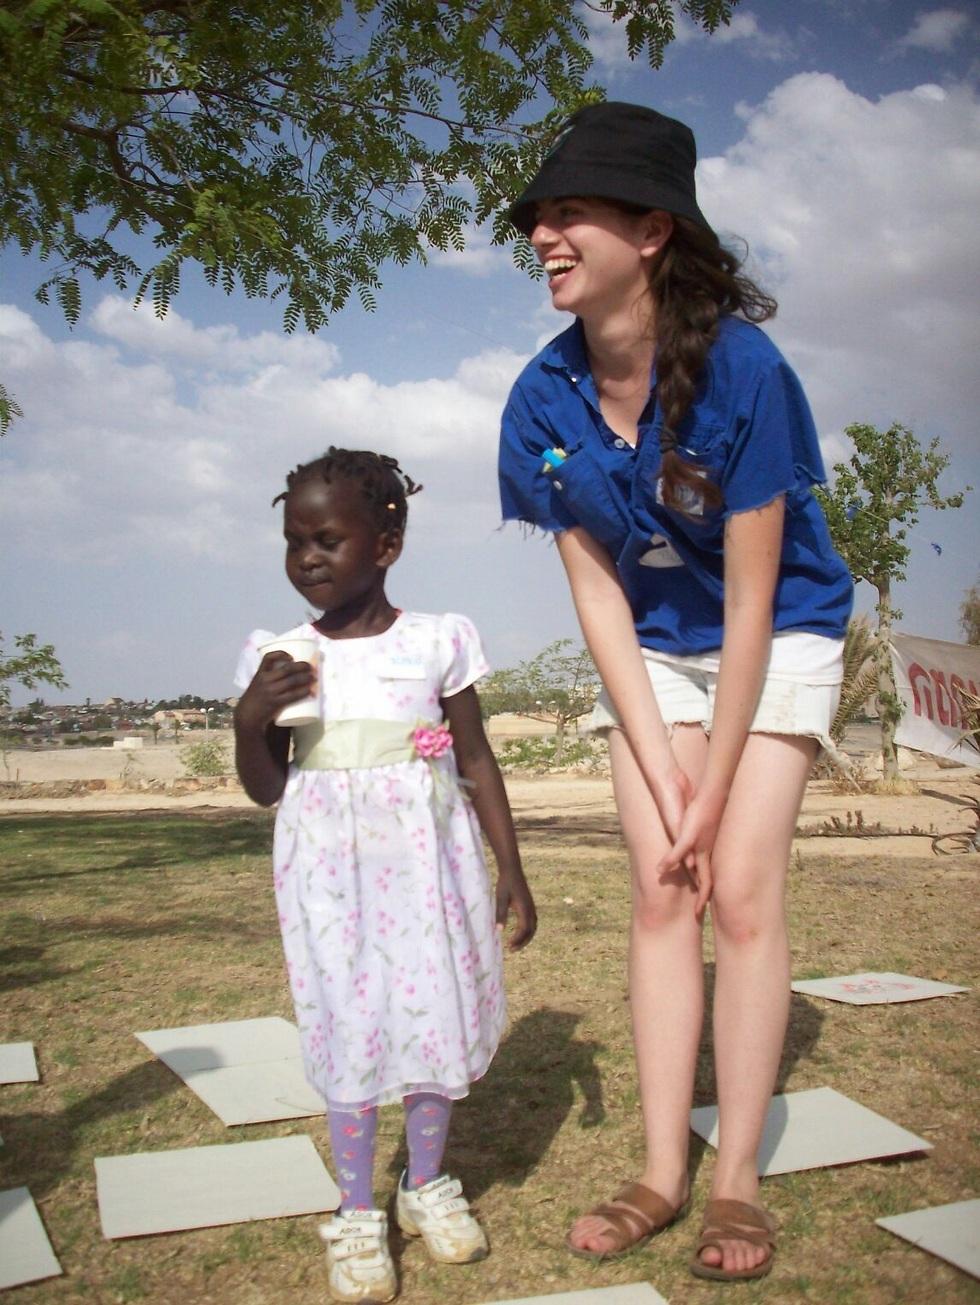 """""""היא מאמינה שהם יכולים לשנות את העולם. והיא גורמת גם לי להאמין שזה אפשרי"""". ליאור וכריסטינה בארץ ()"""